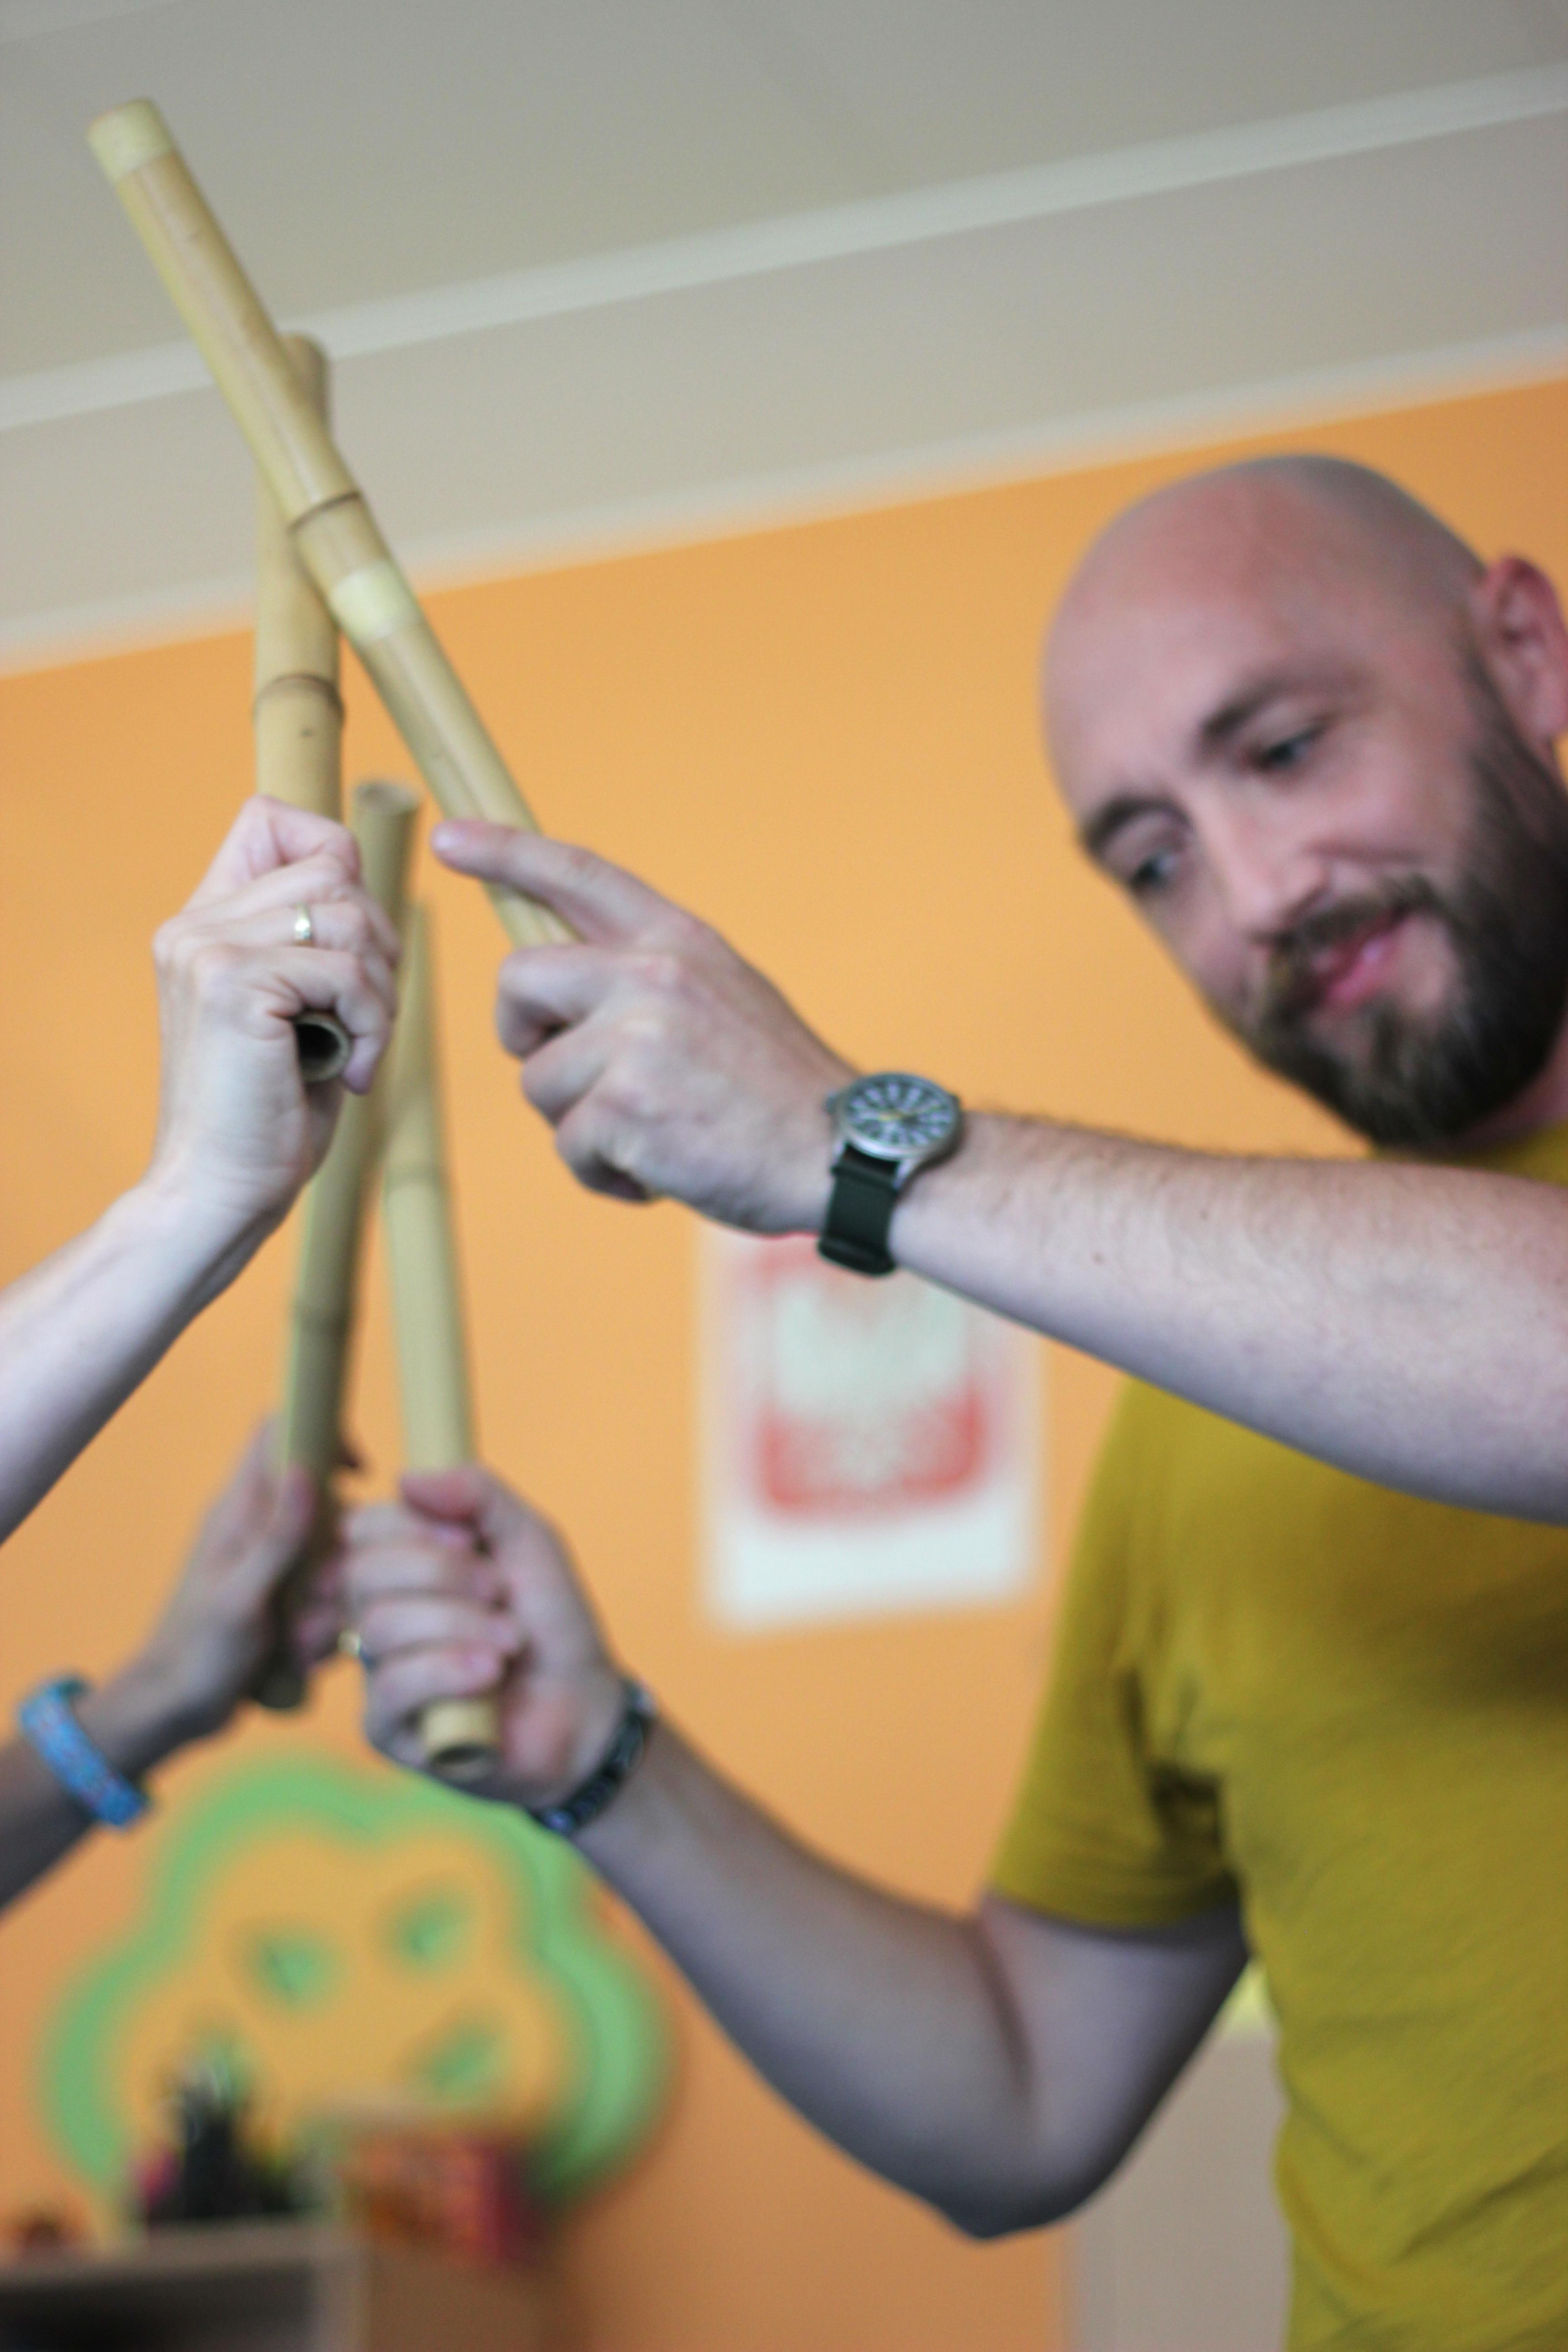 Jak pracować z osobami z niepełnosprawnością przez sztukę?  Ostatnie wolne miejsca na kreatywne warsztaty arteterapeutyczne.